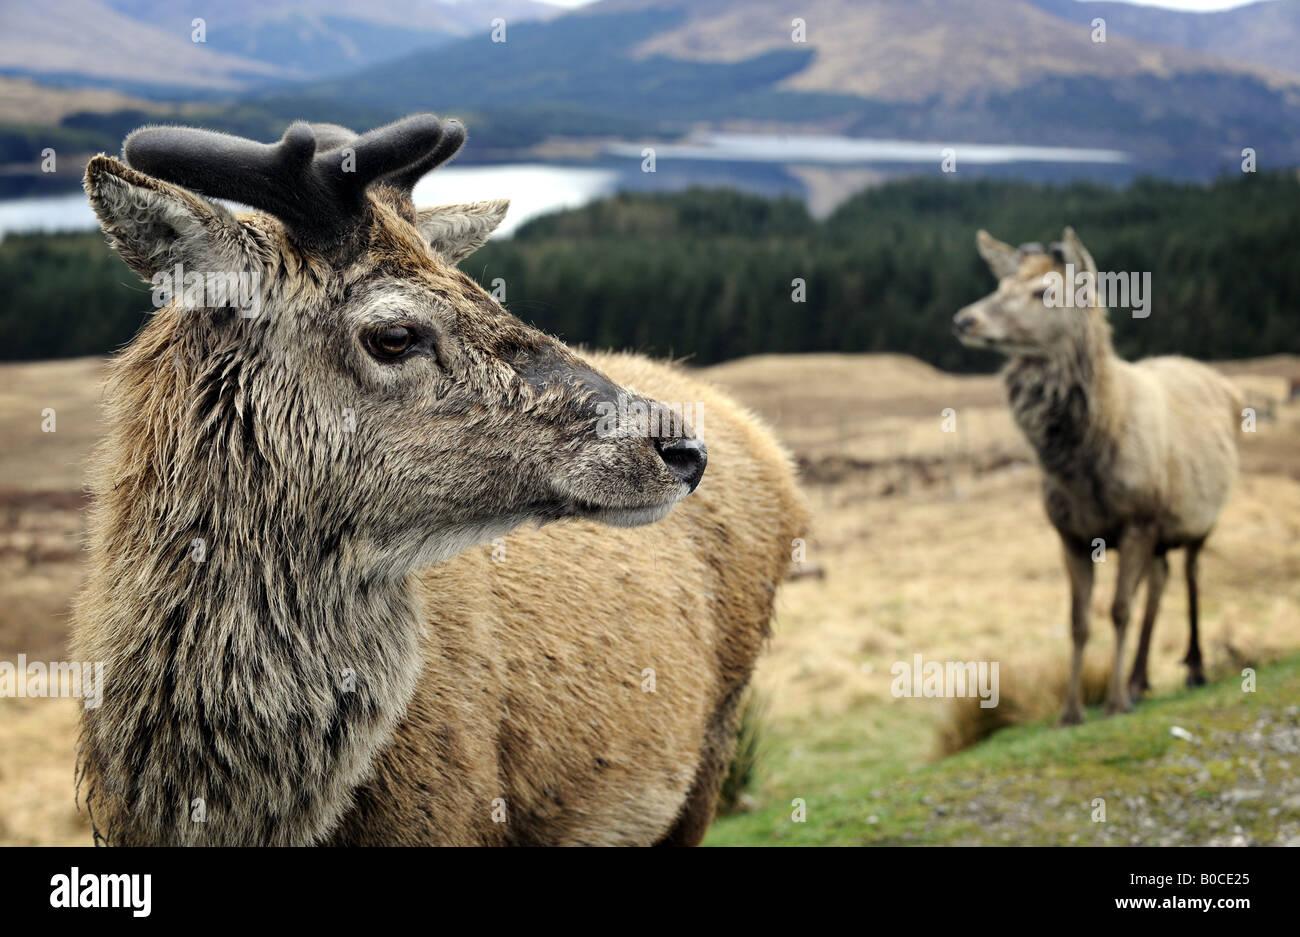 Un par de ciervos escoceses nativa representada en las Highlands de Escocia, Reino Unido. Imagen De Stock